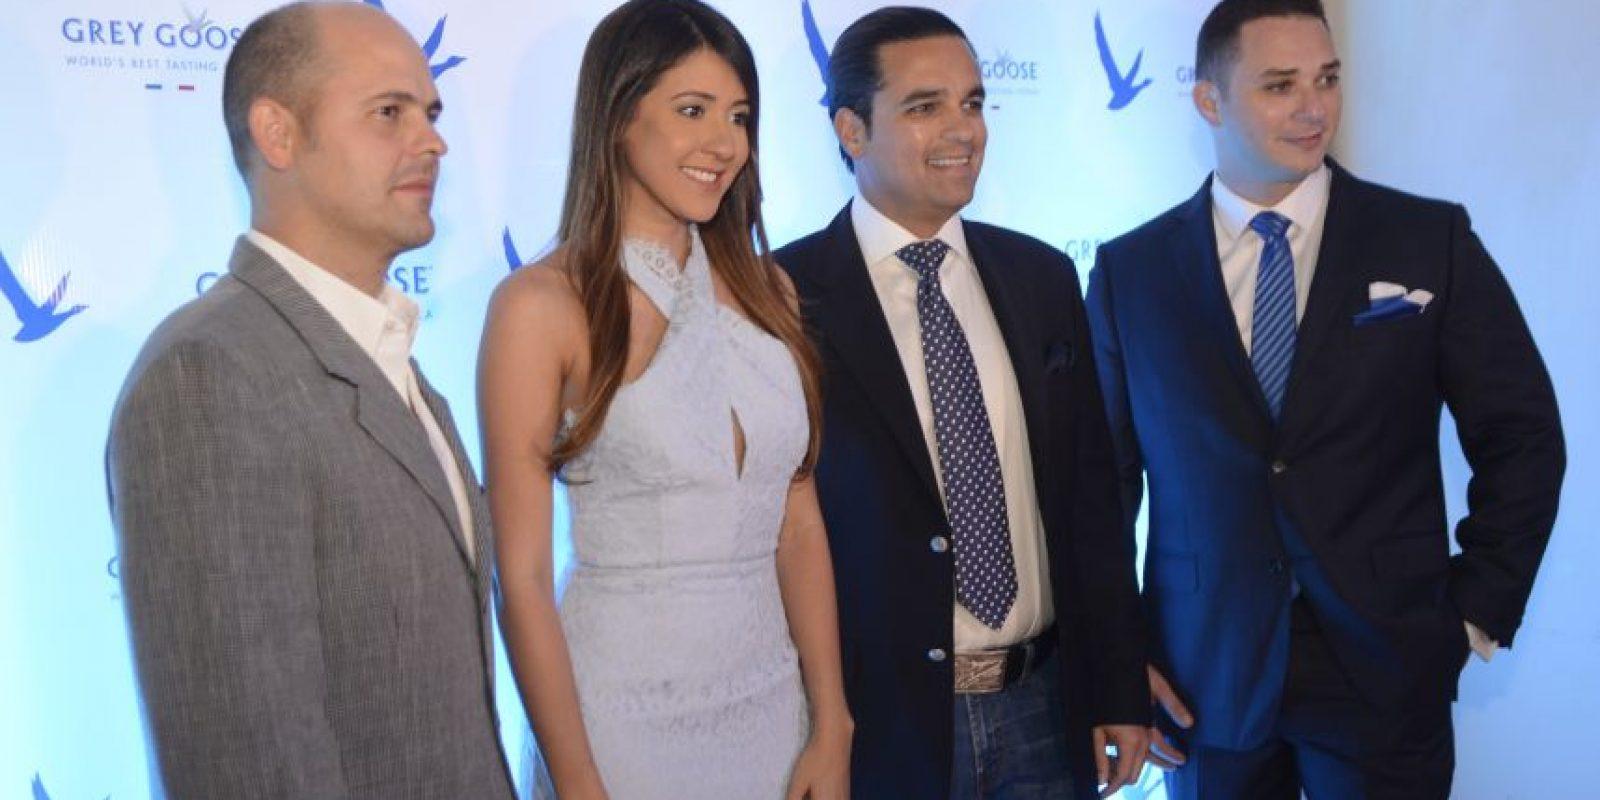 Andrés Olaverria, Emily McDougall, Omar Elías y Frank Salvucci